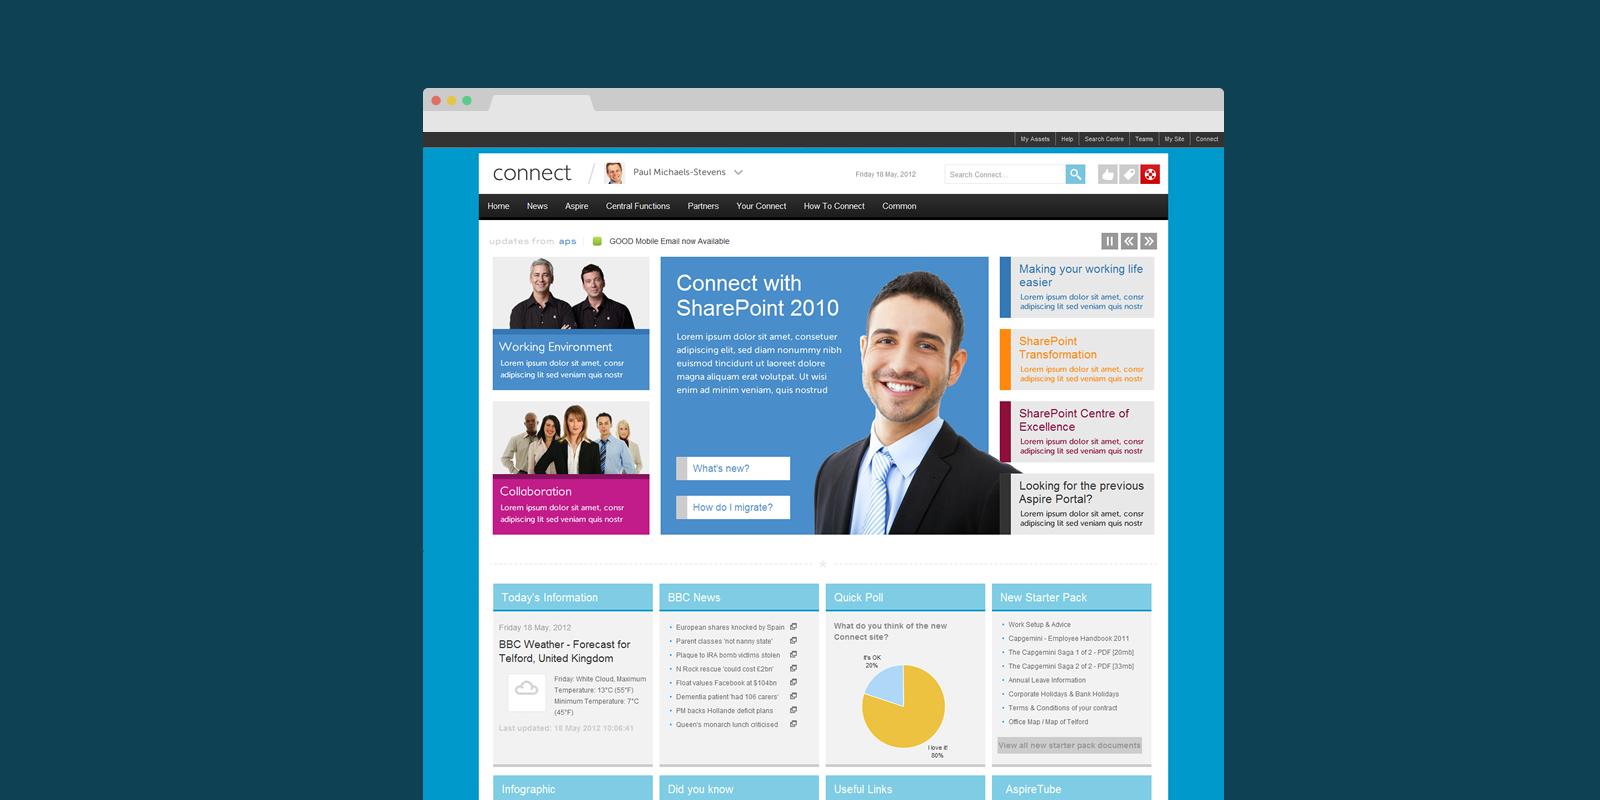 PinkPetrol SharePoint Design Branding - Capgemini